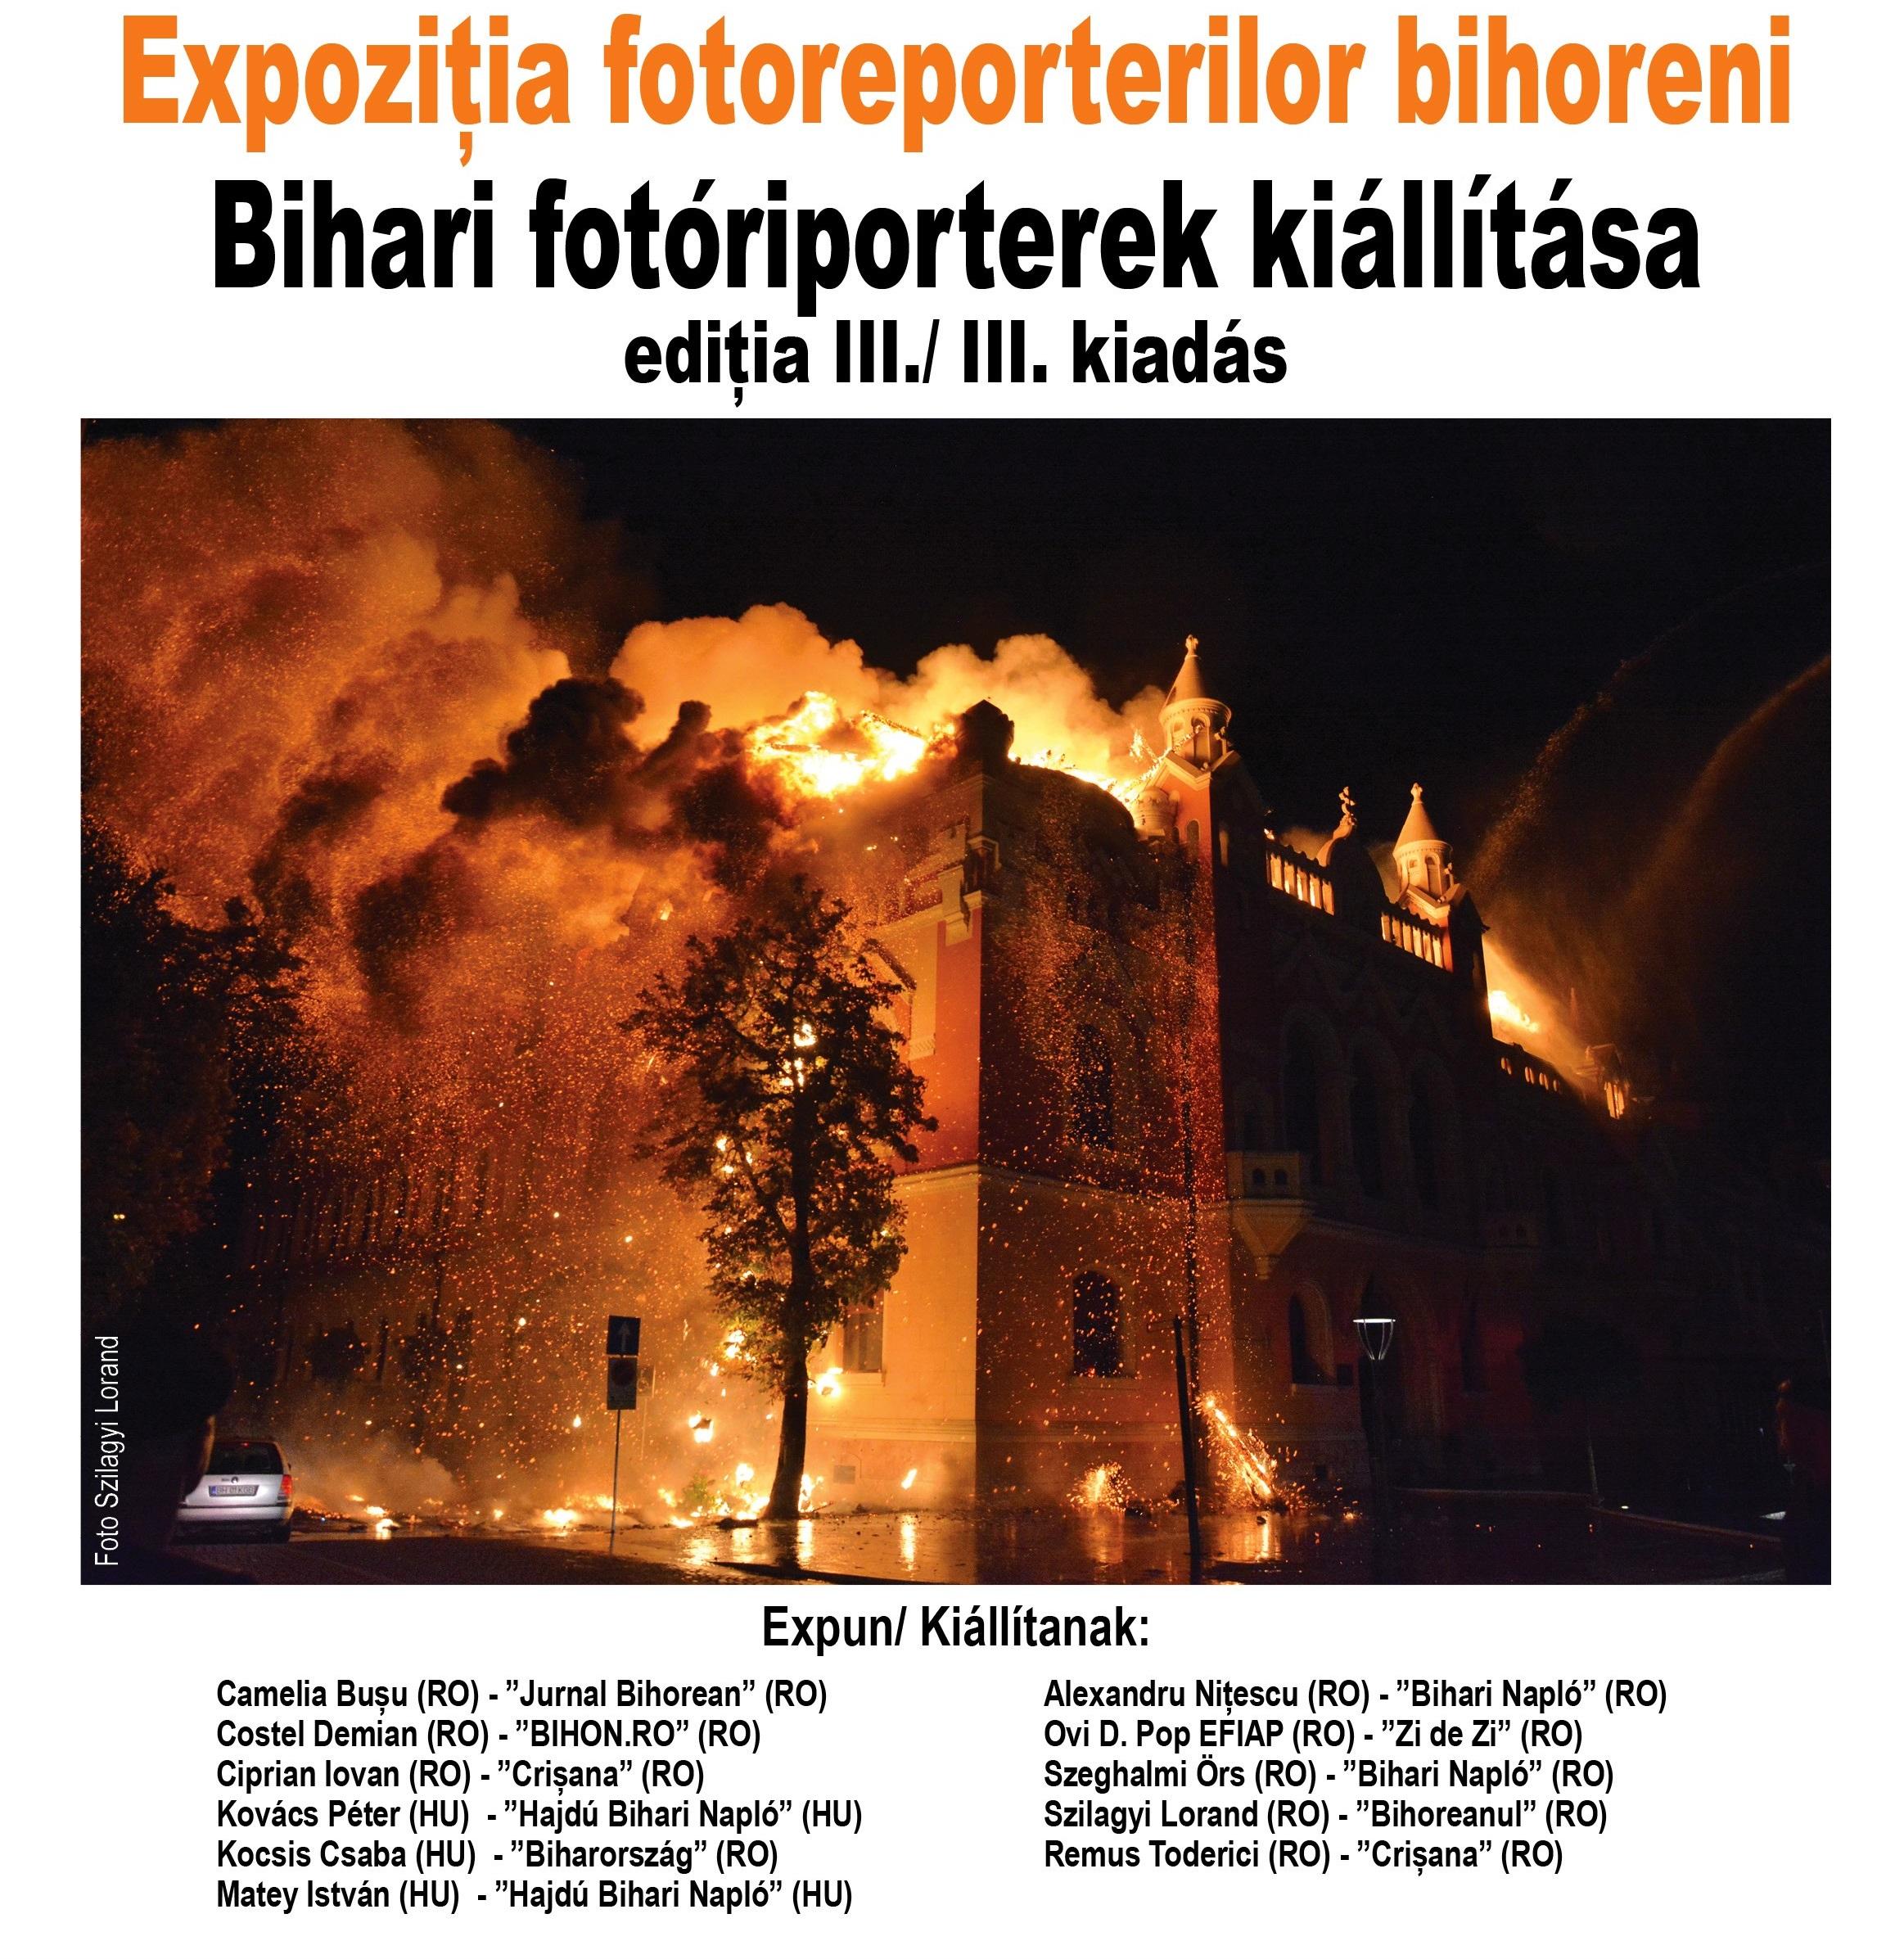 bihari_fotoriporterek_plakat_print.jpg